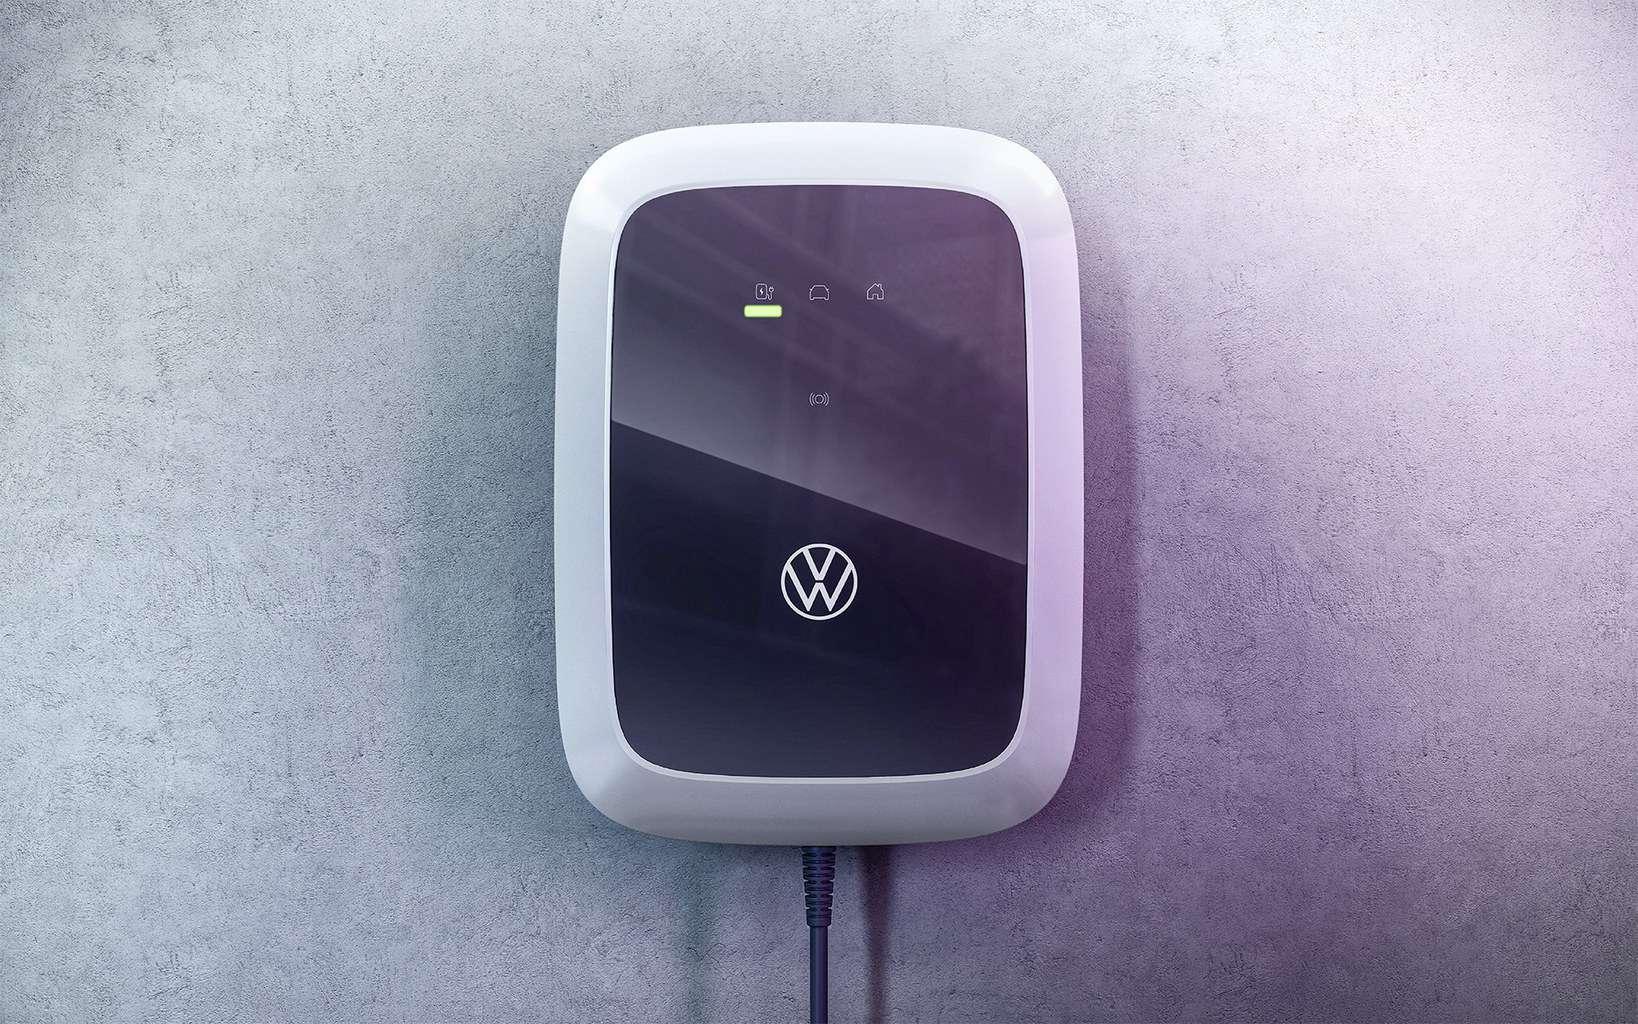 VW-Elektroauto-Wallbox-Zuschuss-Förderung